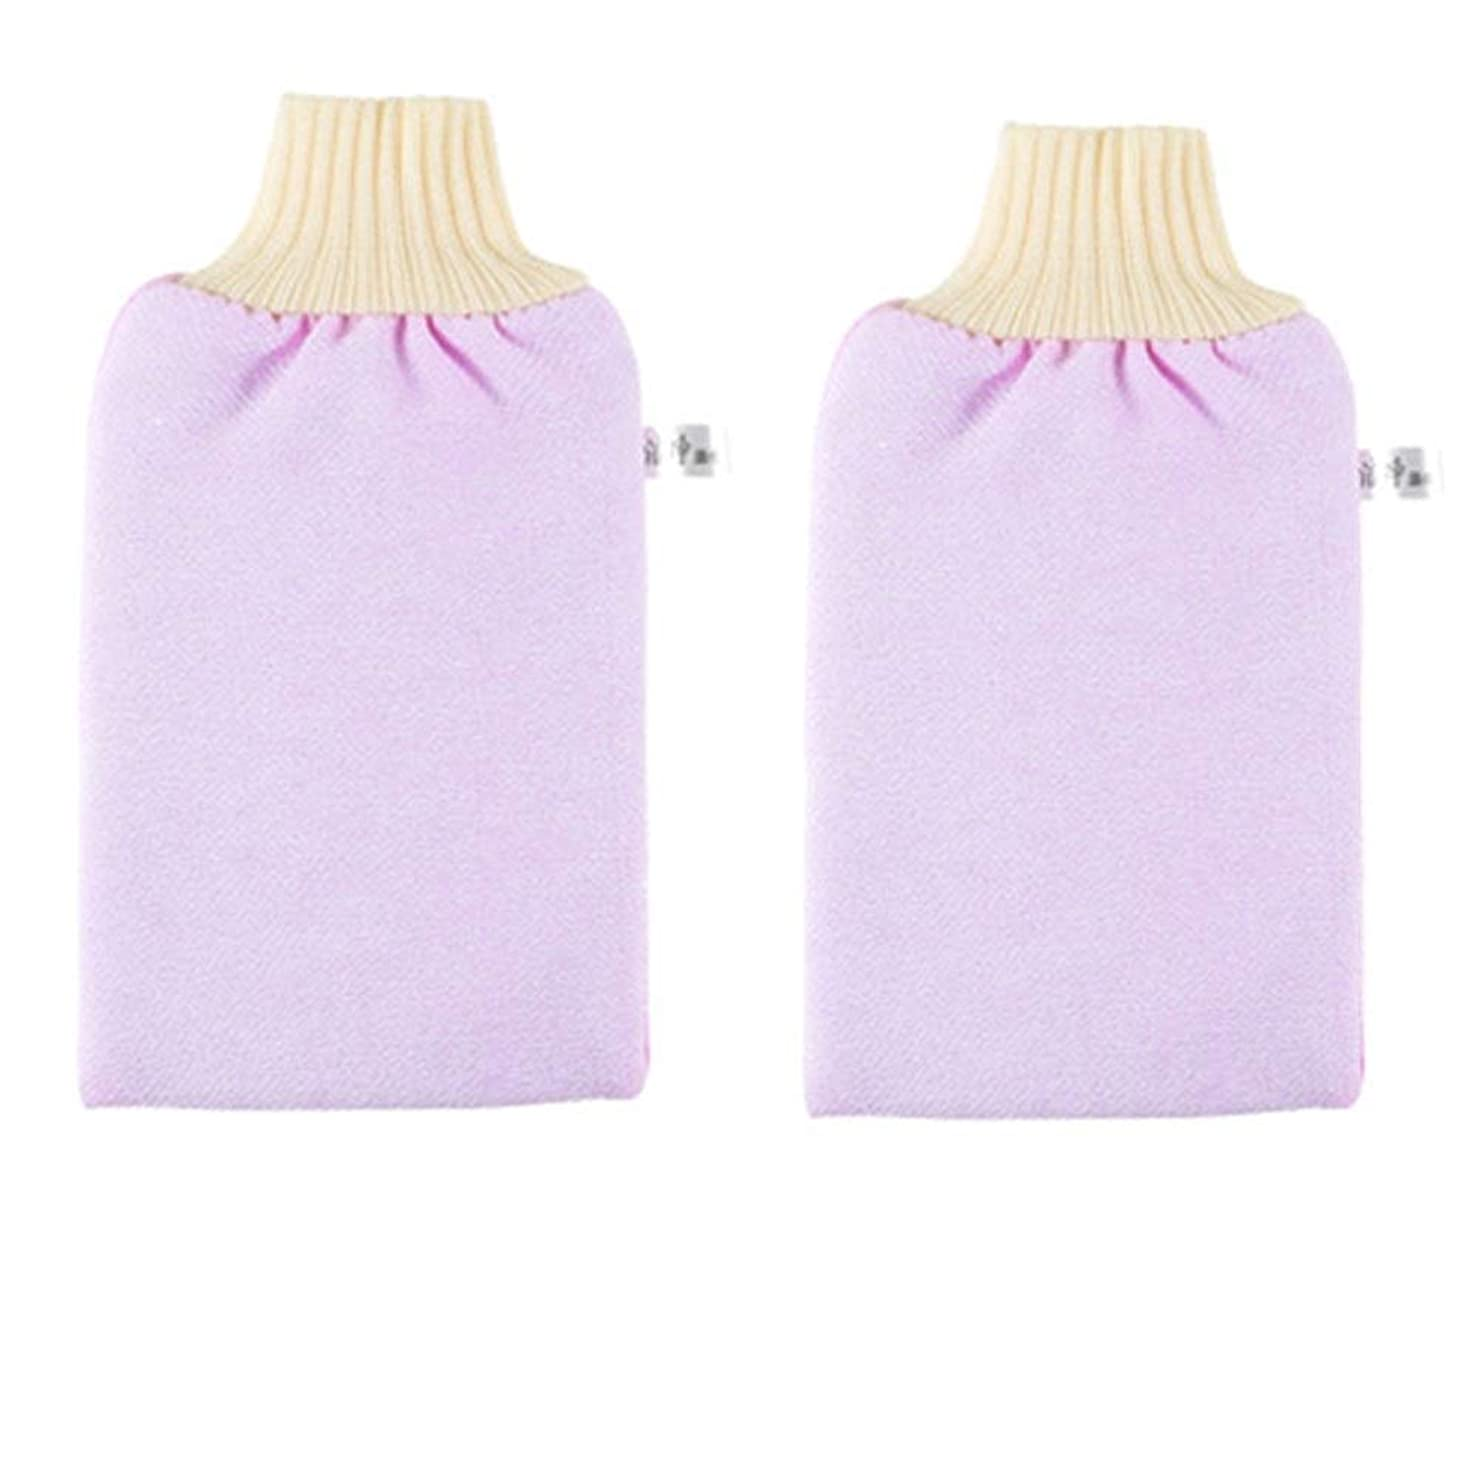 ストローク素敵な妻BTXXYJP お風呂用手袋 シャワー手袋 あかすり ボディブラシ やわらか ボディタオル 角質除去 (Color : Pink-2 packs)